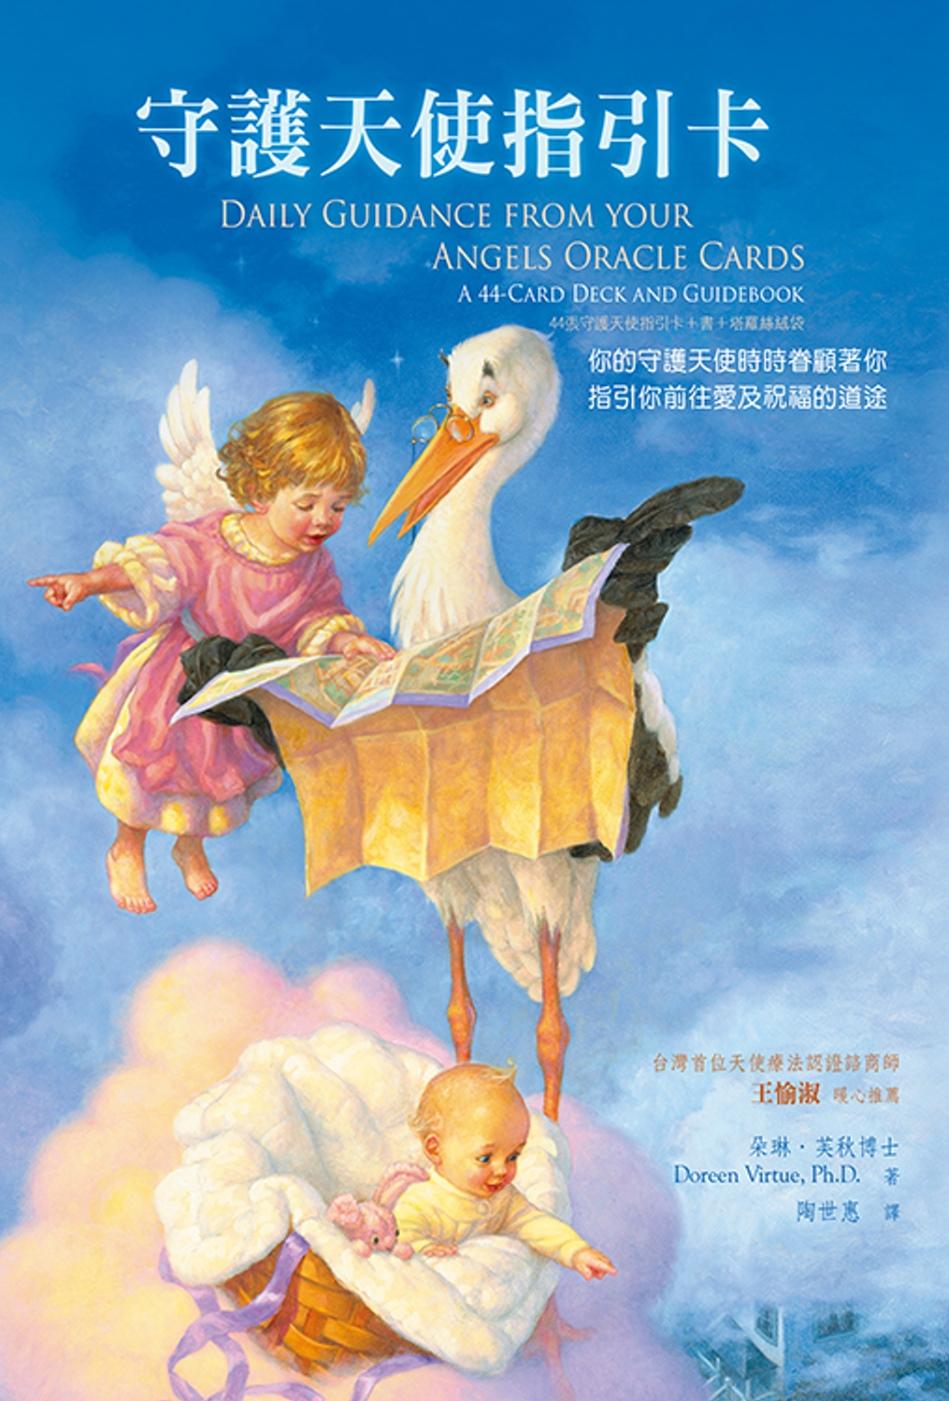 守護天使指引卡(三版)